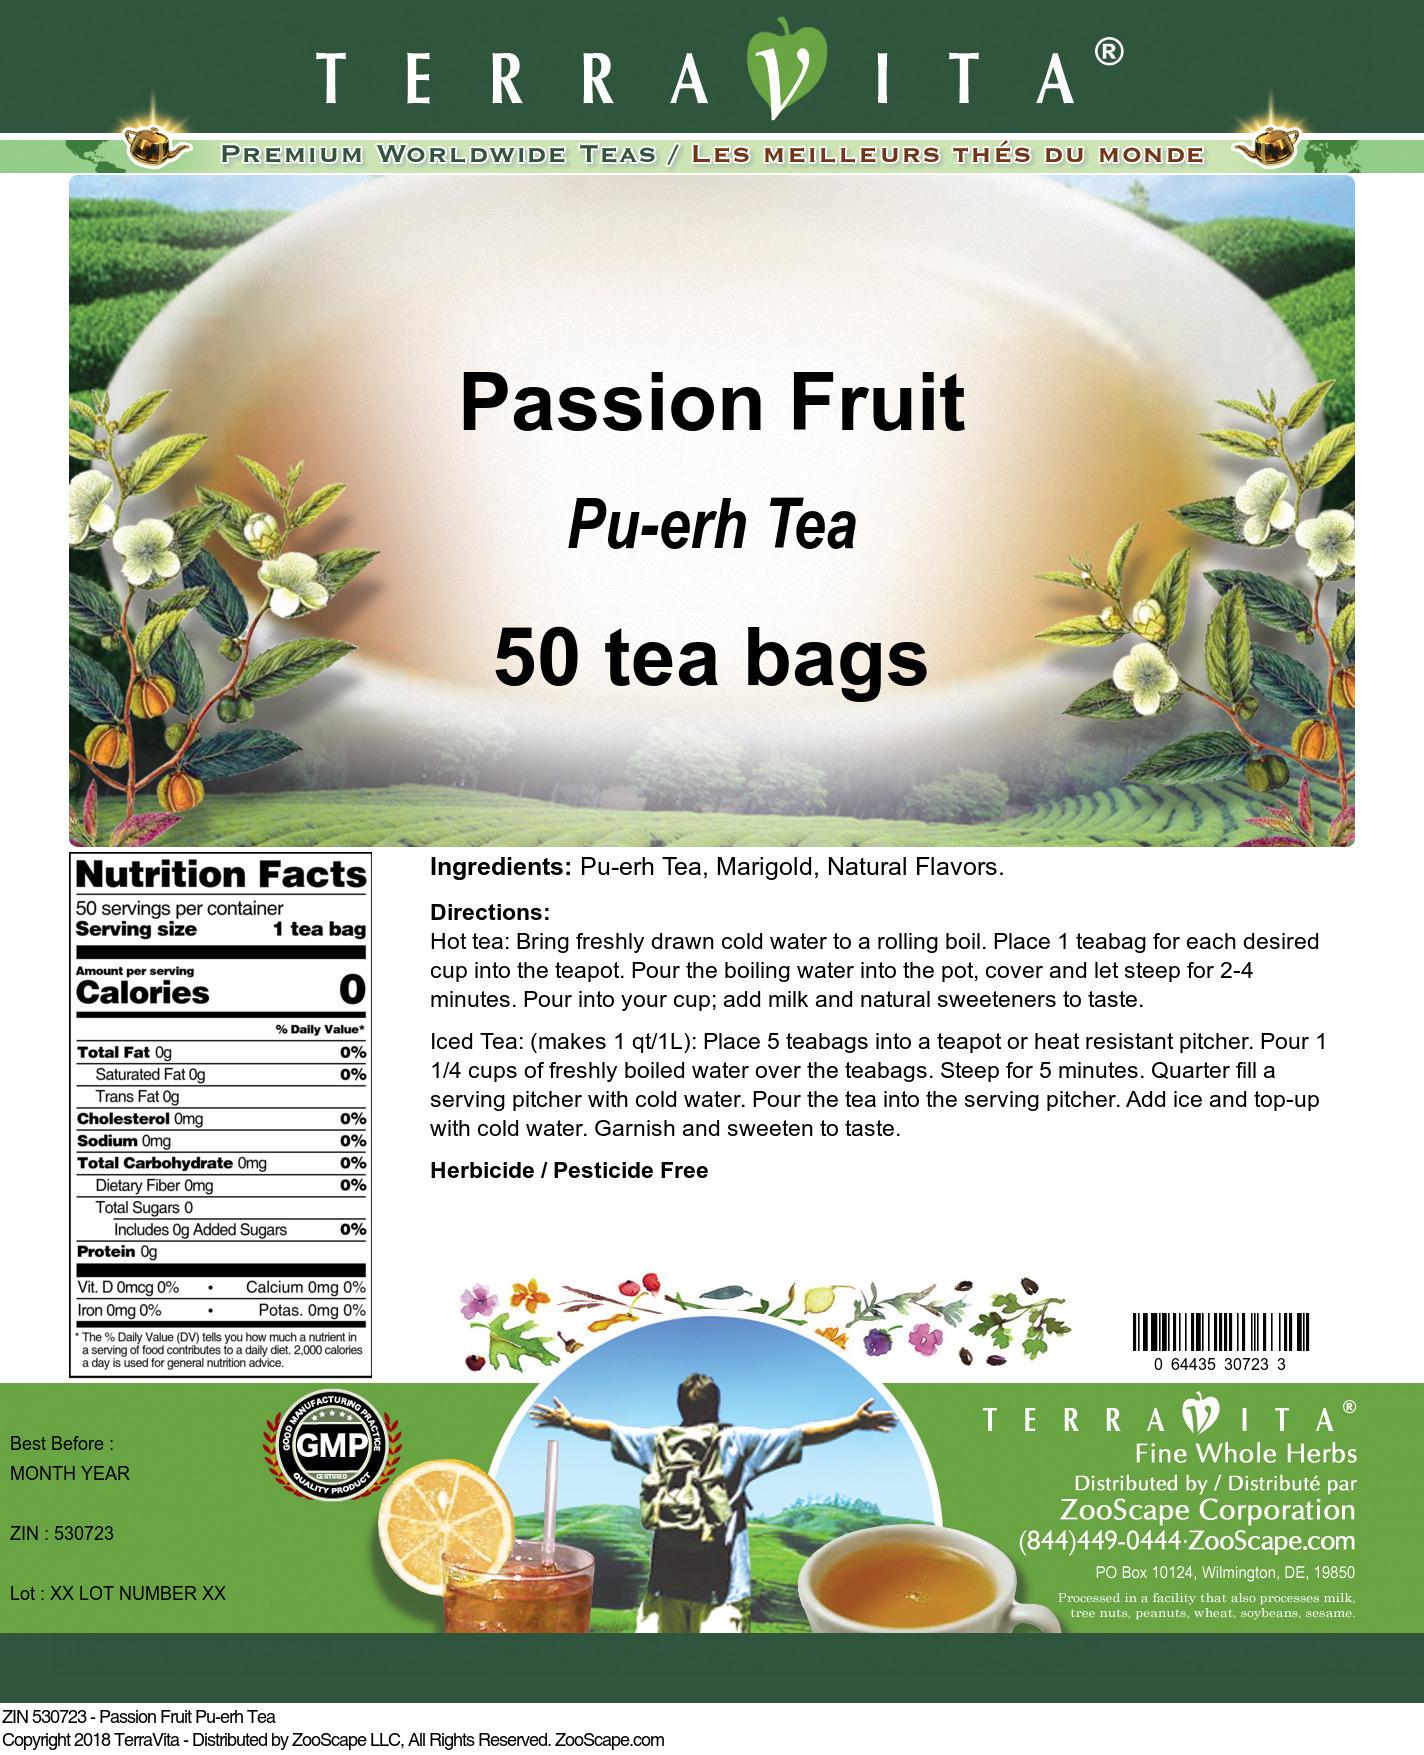 Passion Fruit Pu-erh Tea